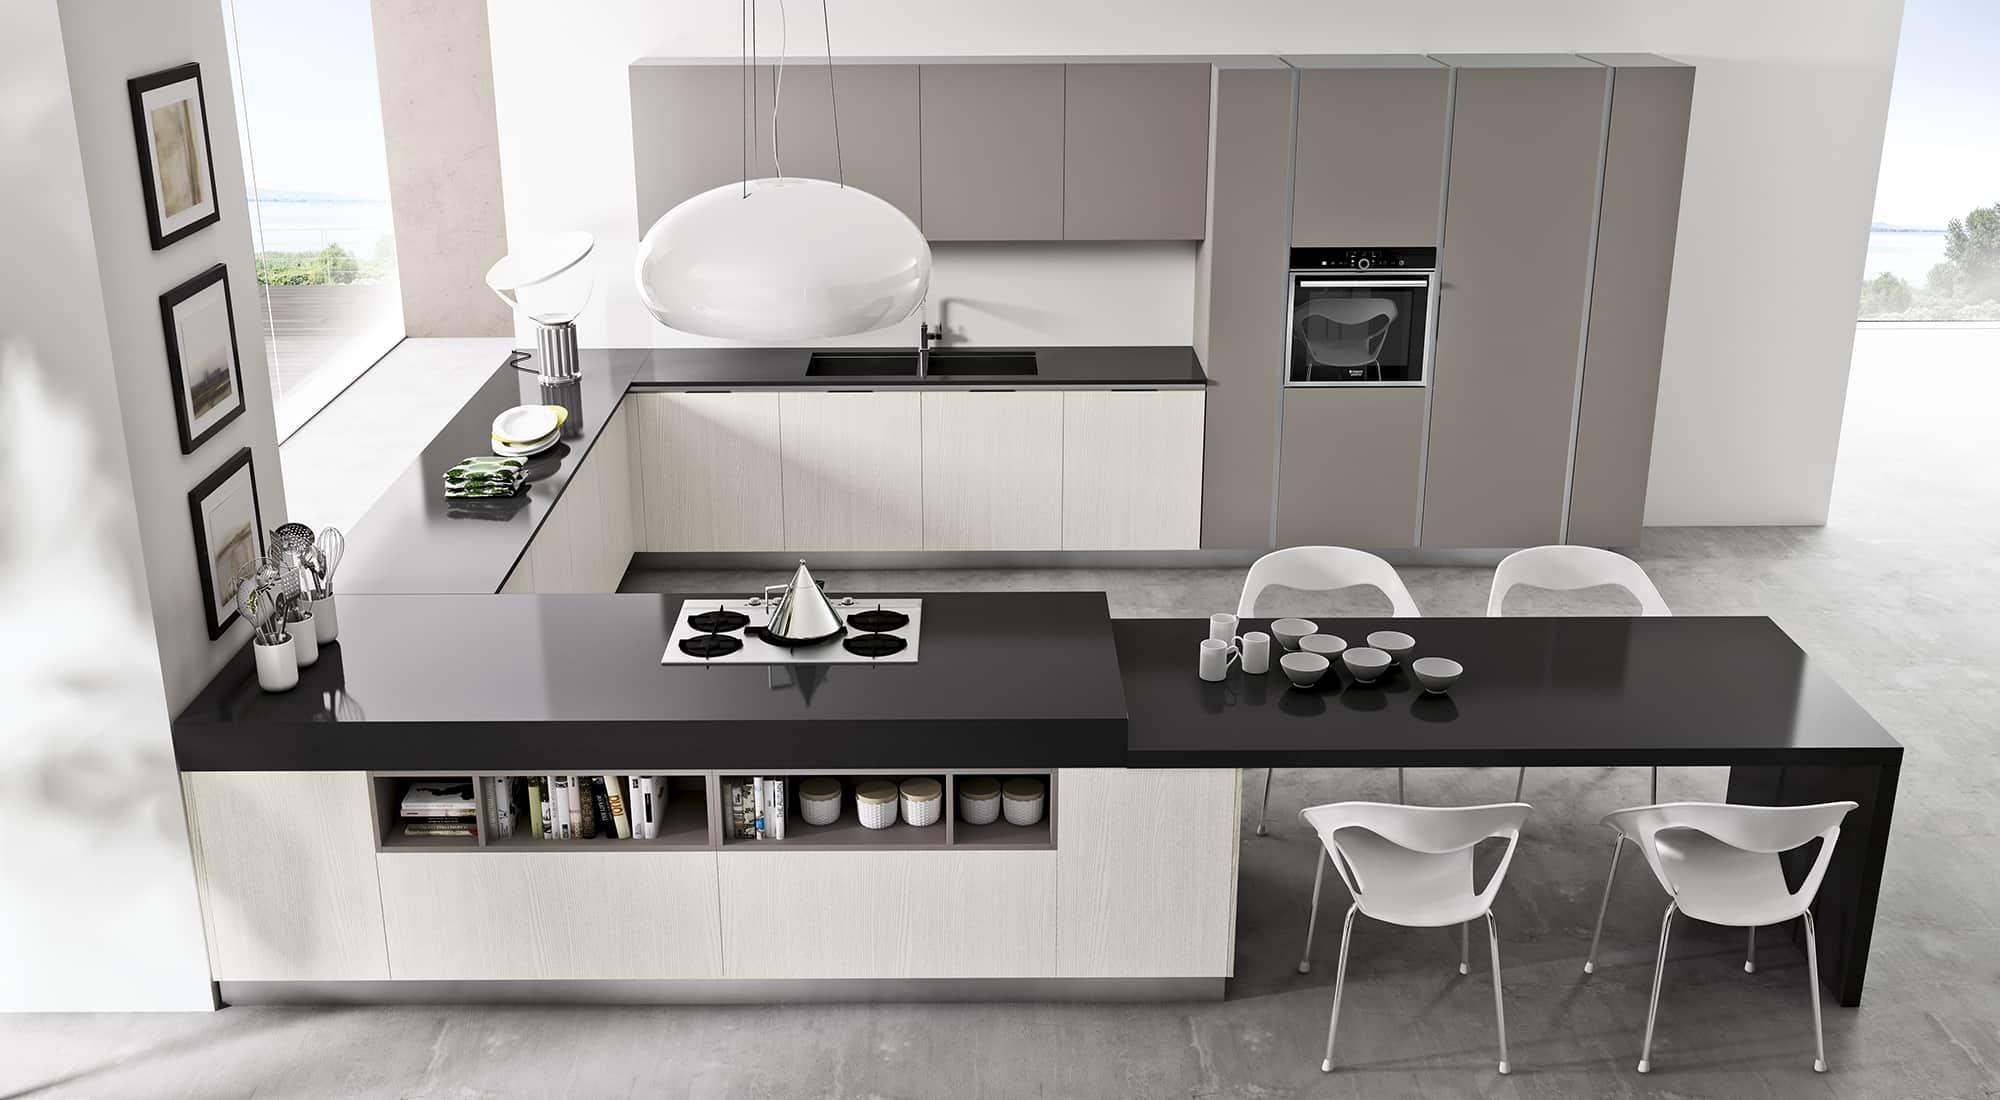 Cucina moderne idee per il design della casa - Cucine moderne con penisola ...